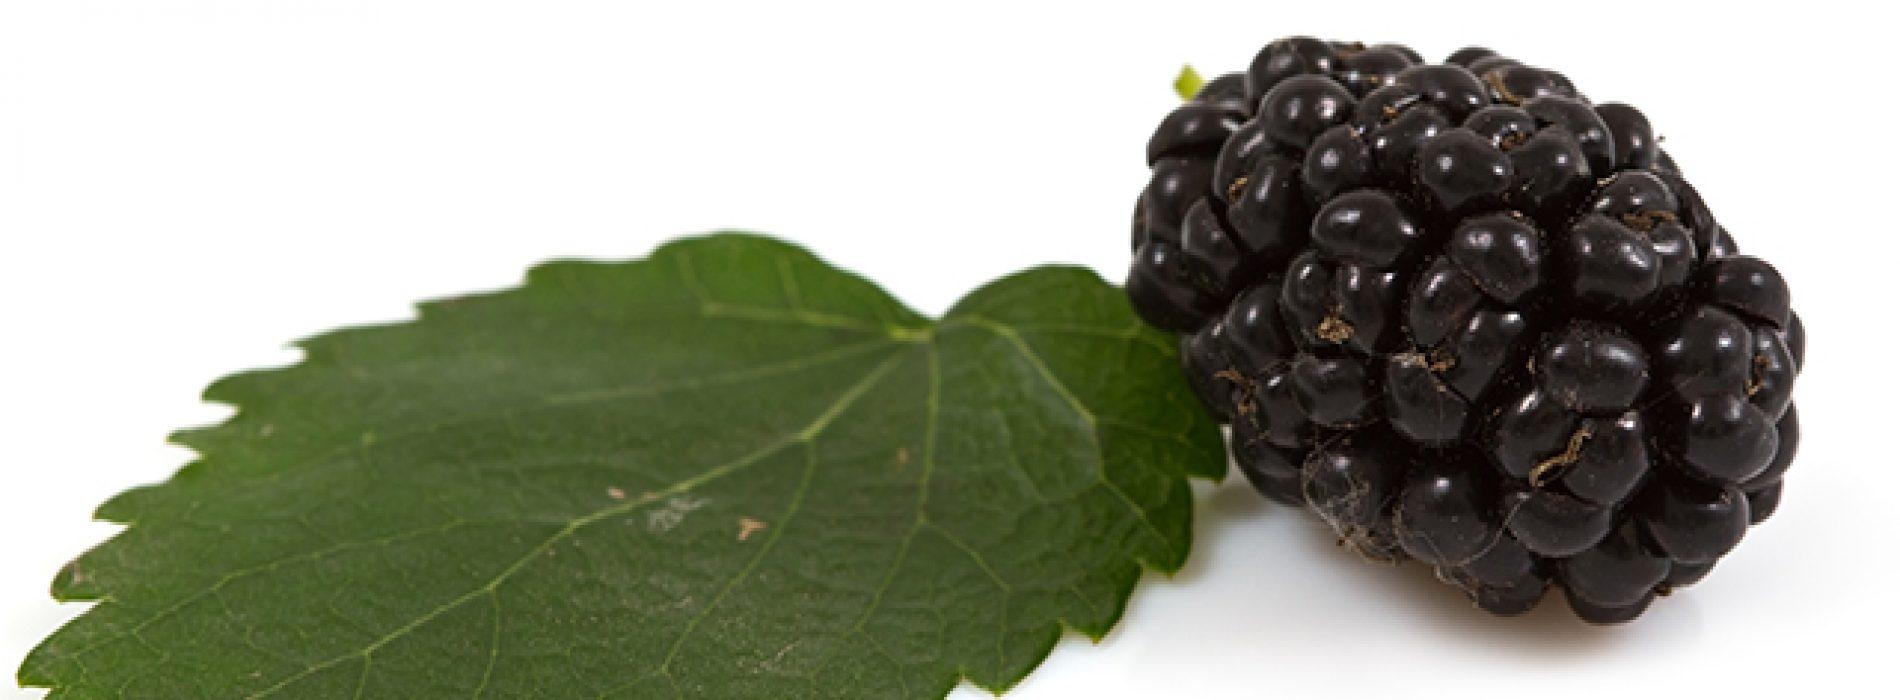 Moerbei bladeren kunnen worden gebruikt om diabetes symptomen op afstand te houden